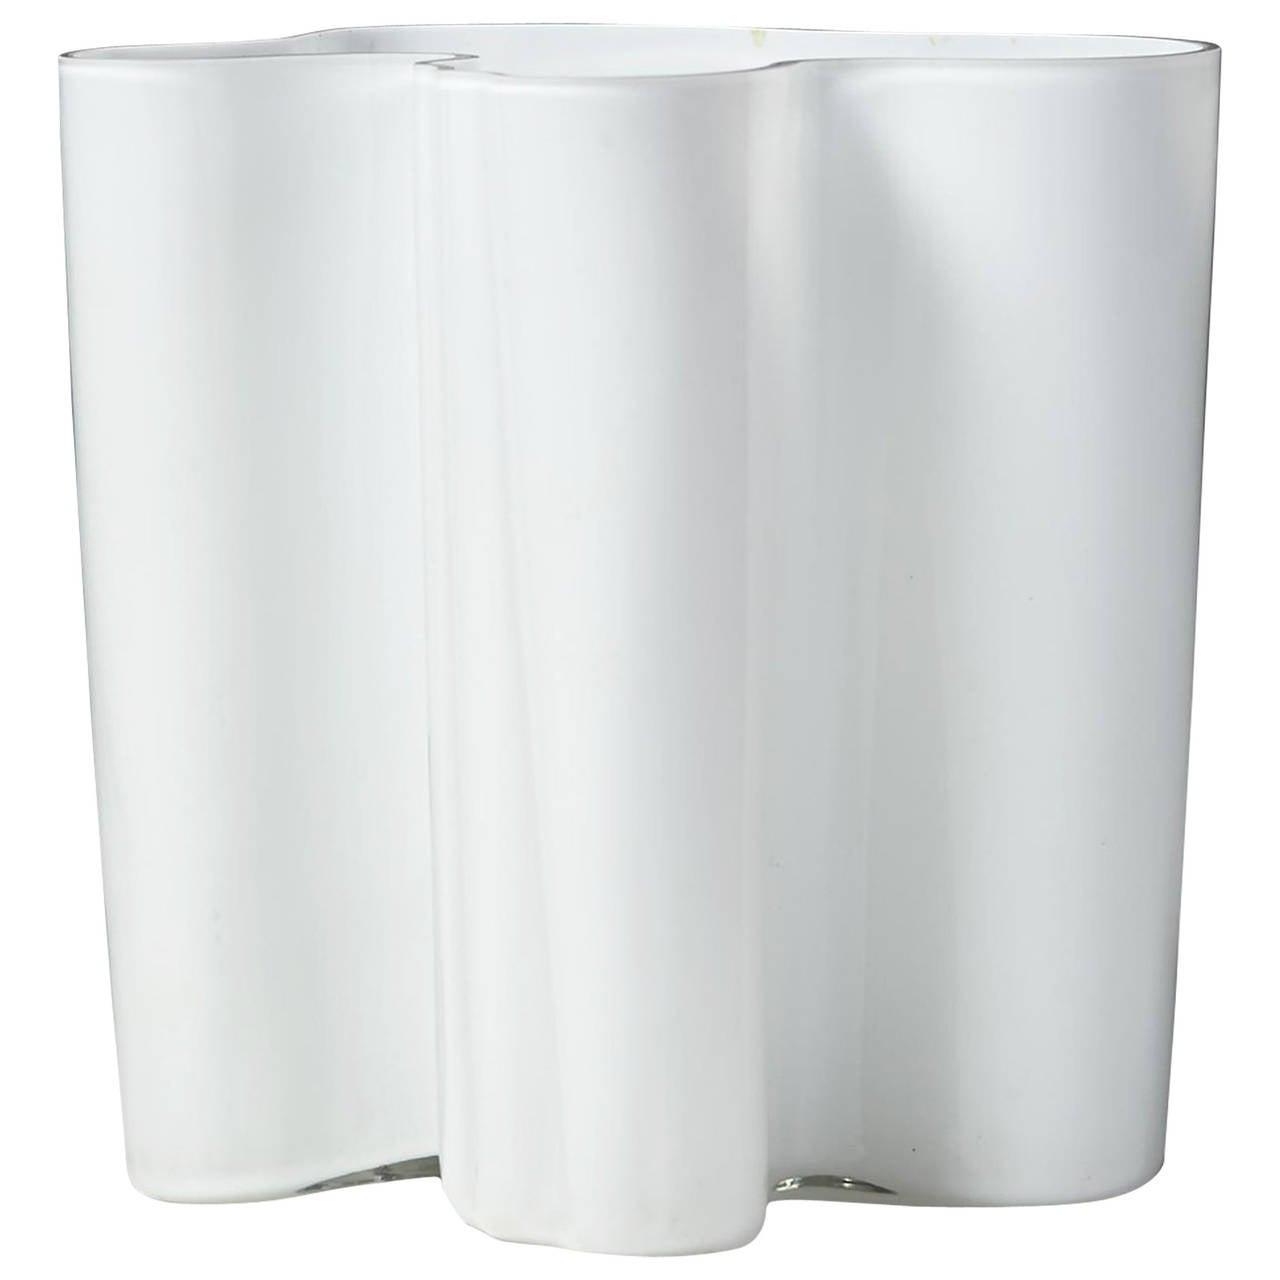 savoy vase designed by alvar aalto for iittala finland 1950 39 s at 1stdibs. Black Bedroom Furniture Sets. Home Design Ideas